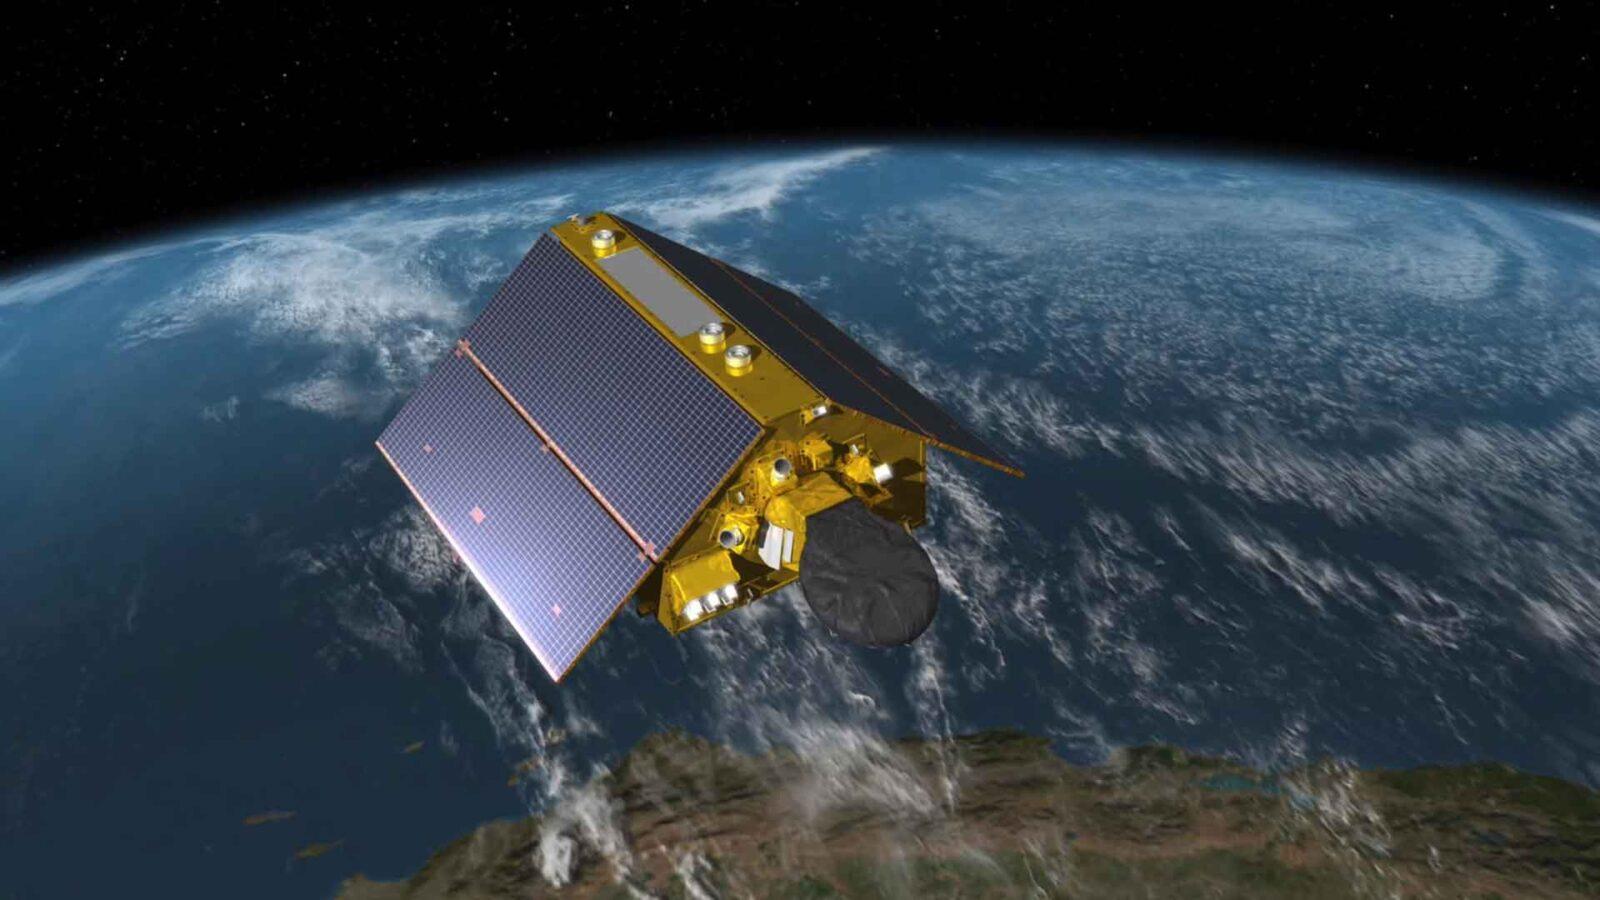 پرتاب جدیدترین ماهوارهی ناسا برای ردیابی افزایش سطح آب دریاها